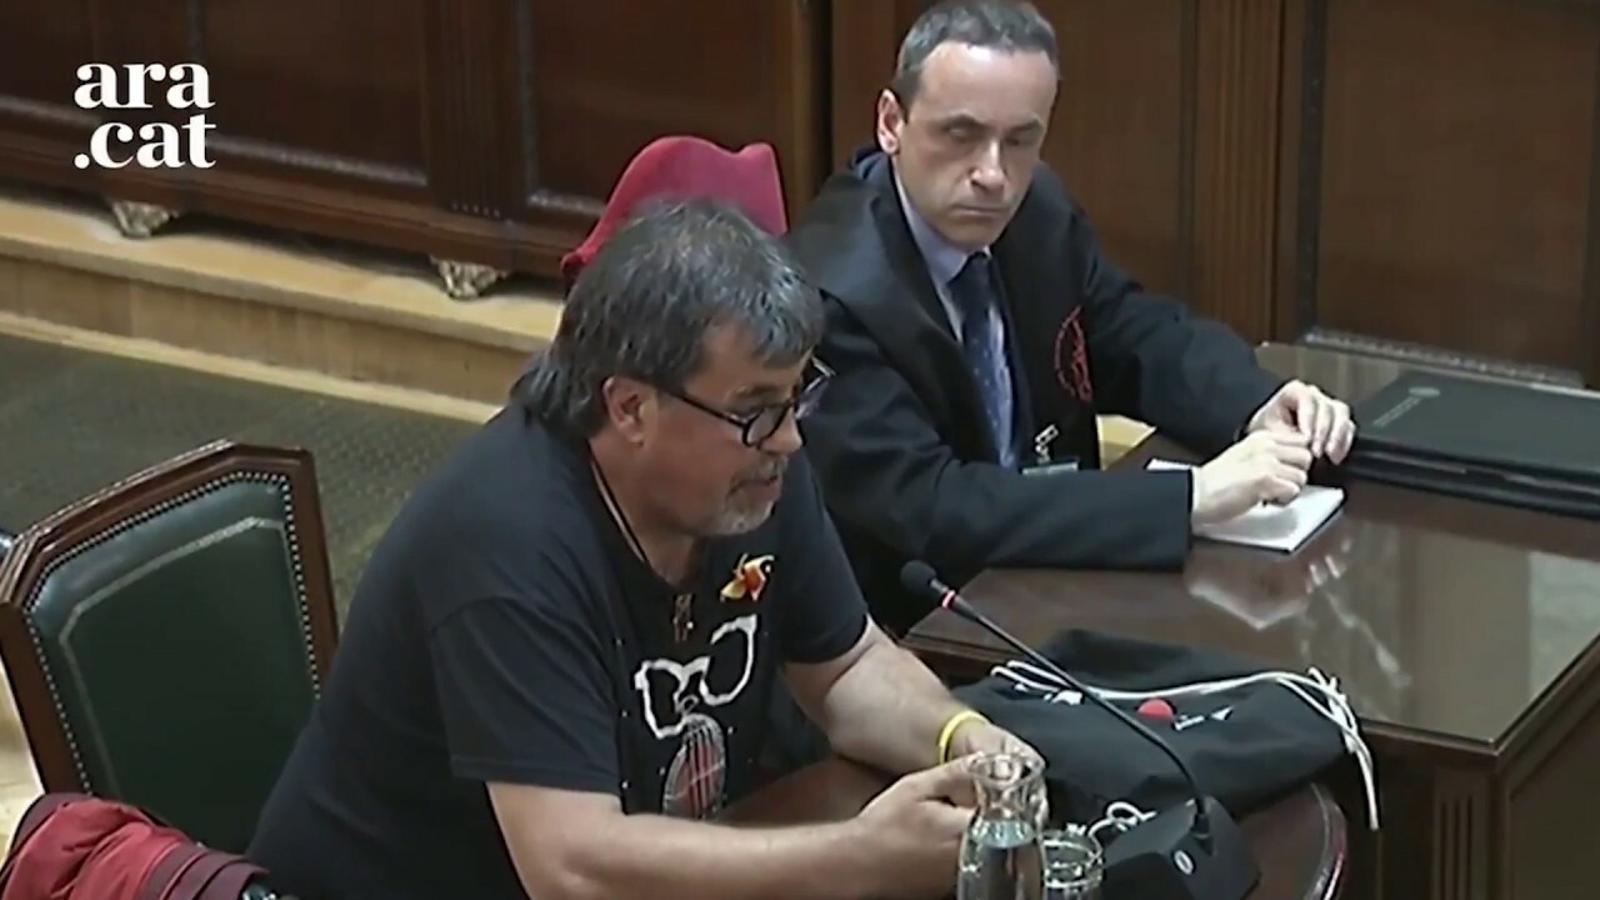 Ramon Font, Pesarrodona i altres votants de l'1-O declaren al judici